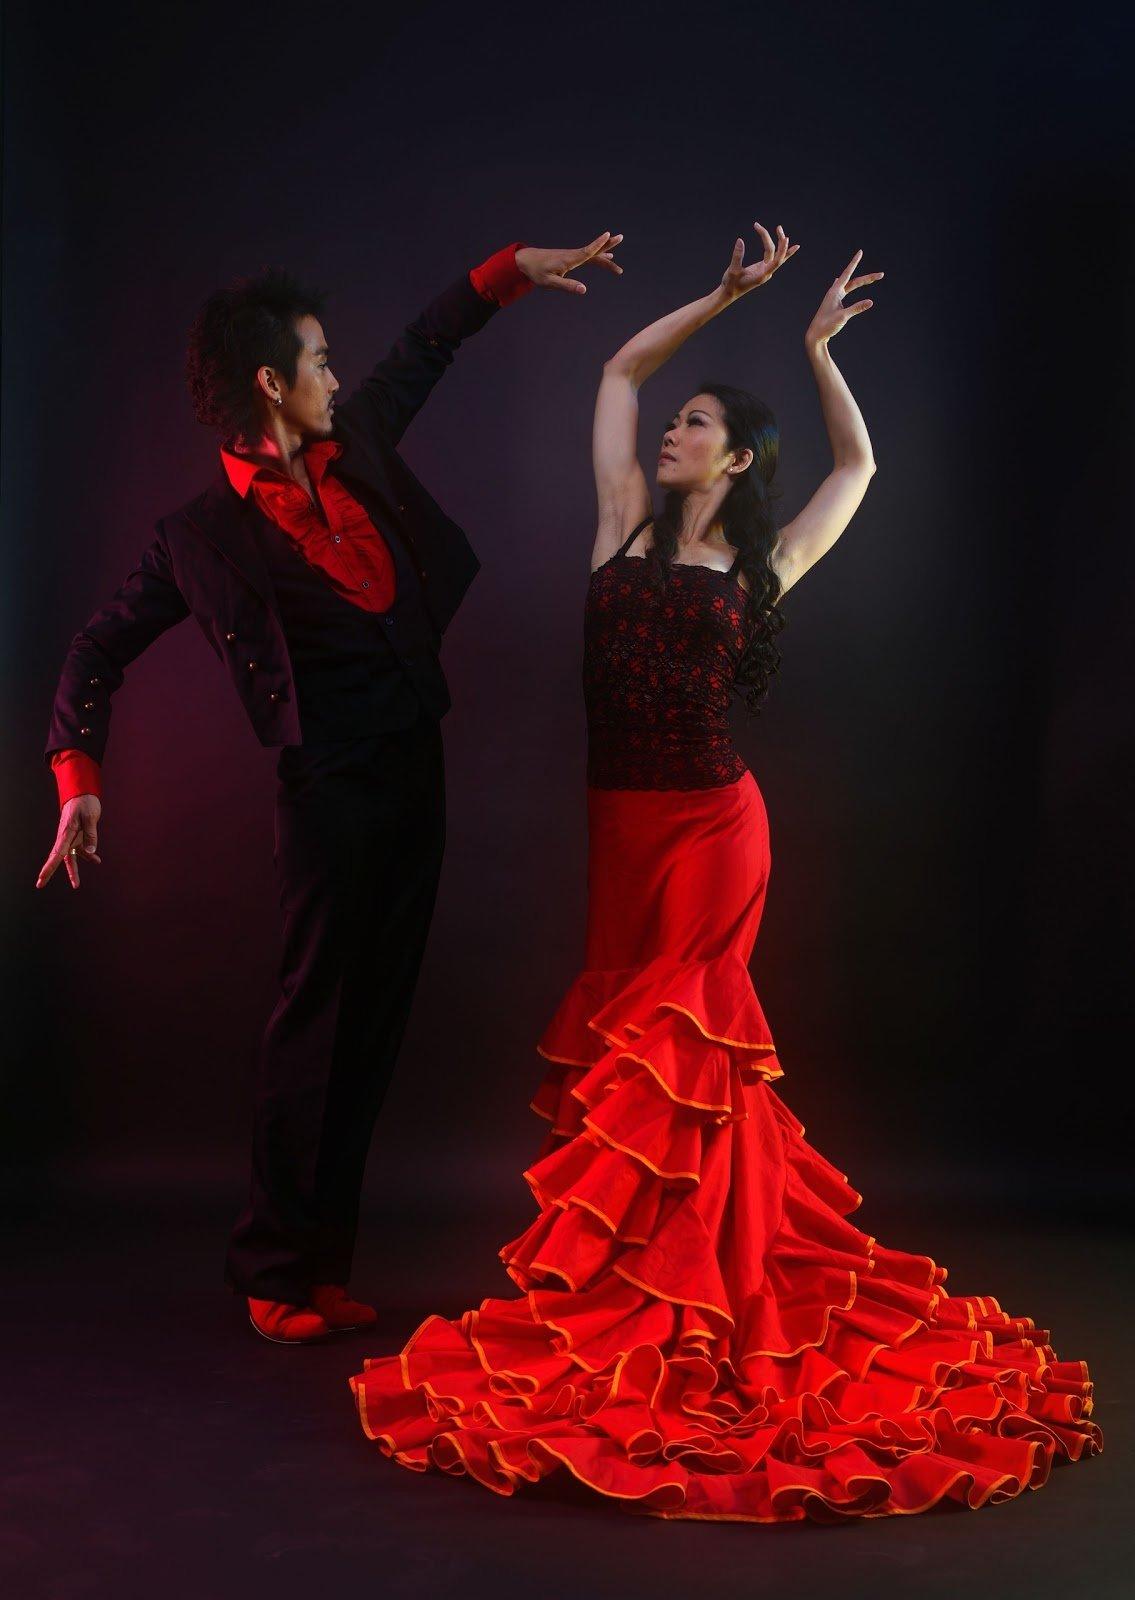 юности испанский костюм для танго фото антагонист современной